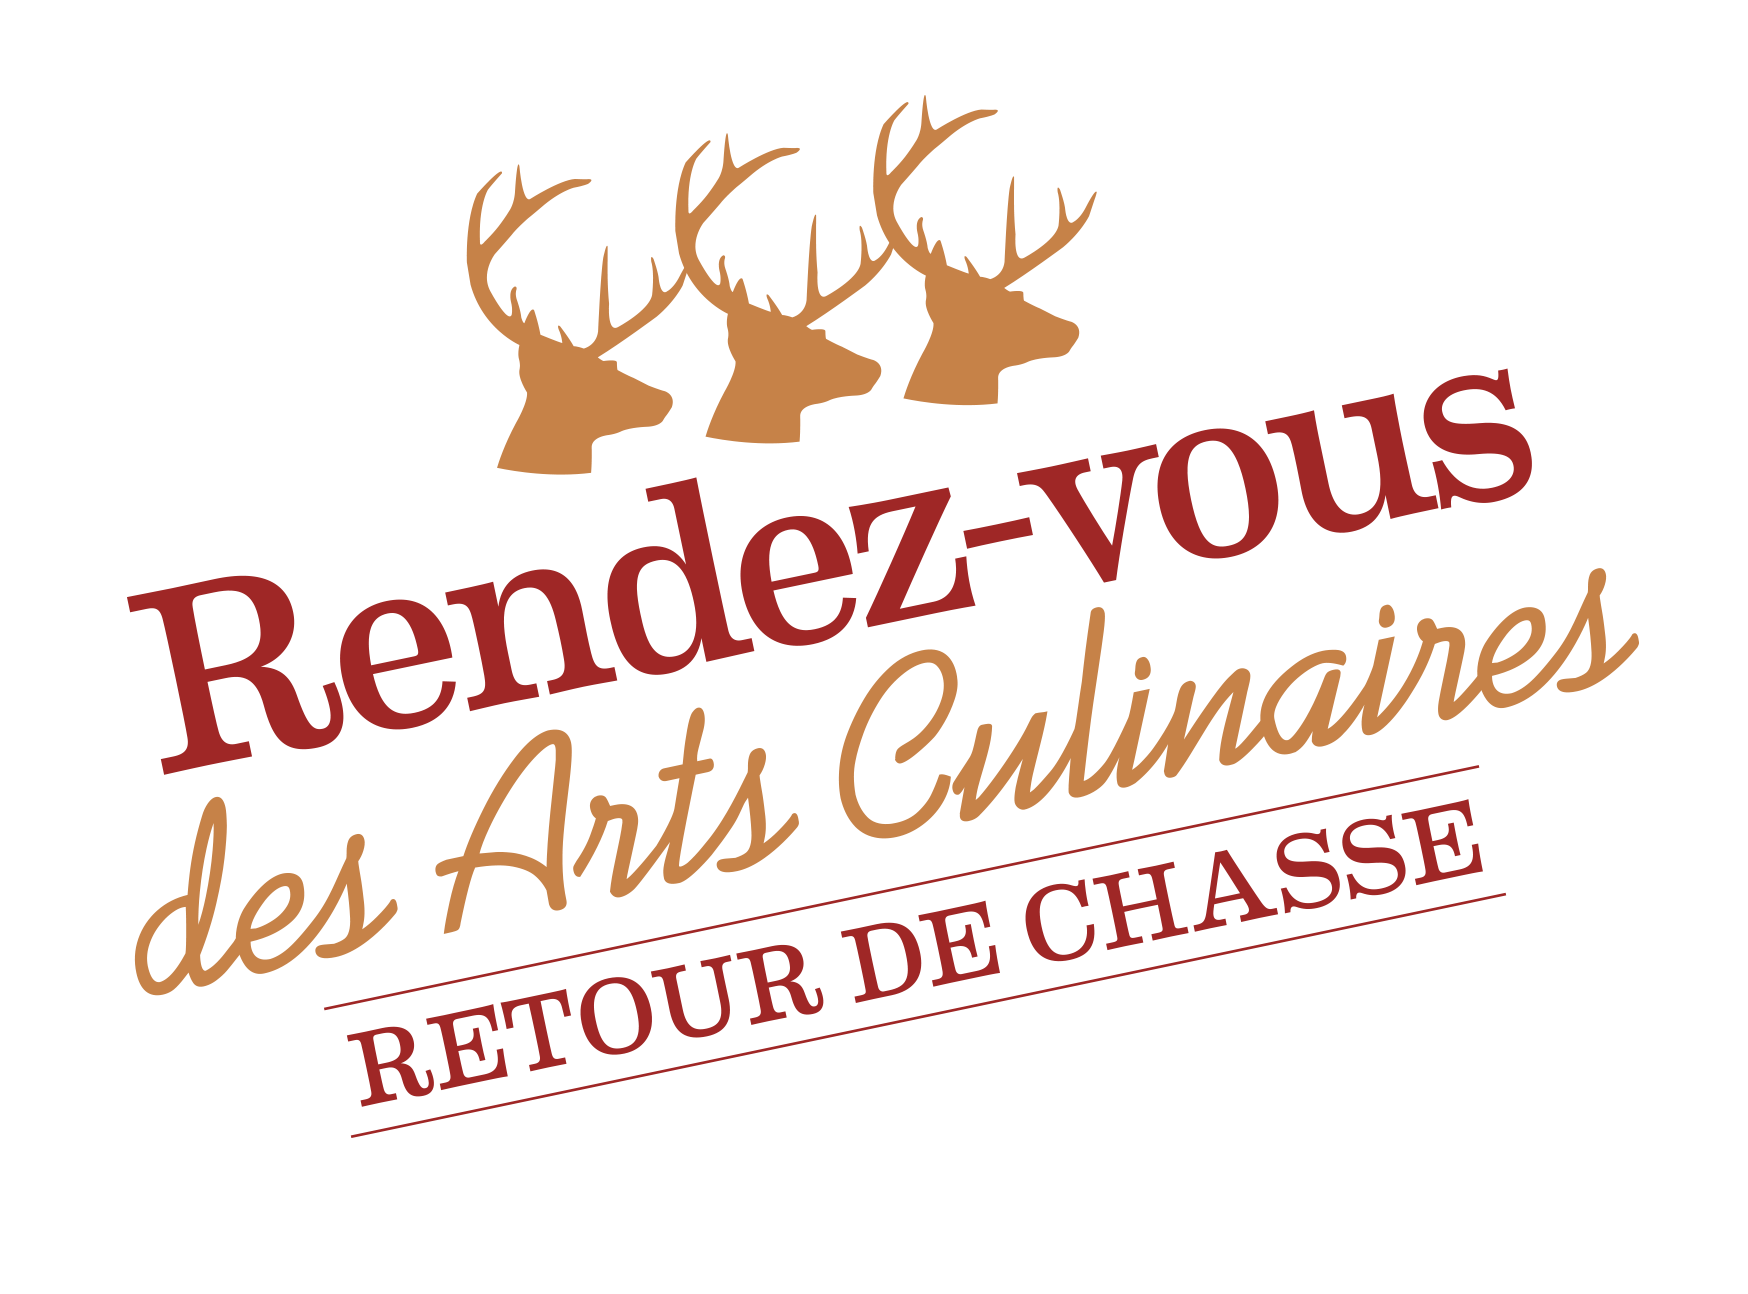 Le Rendez-vous des Arts Culinaires – Retour de Chasse